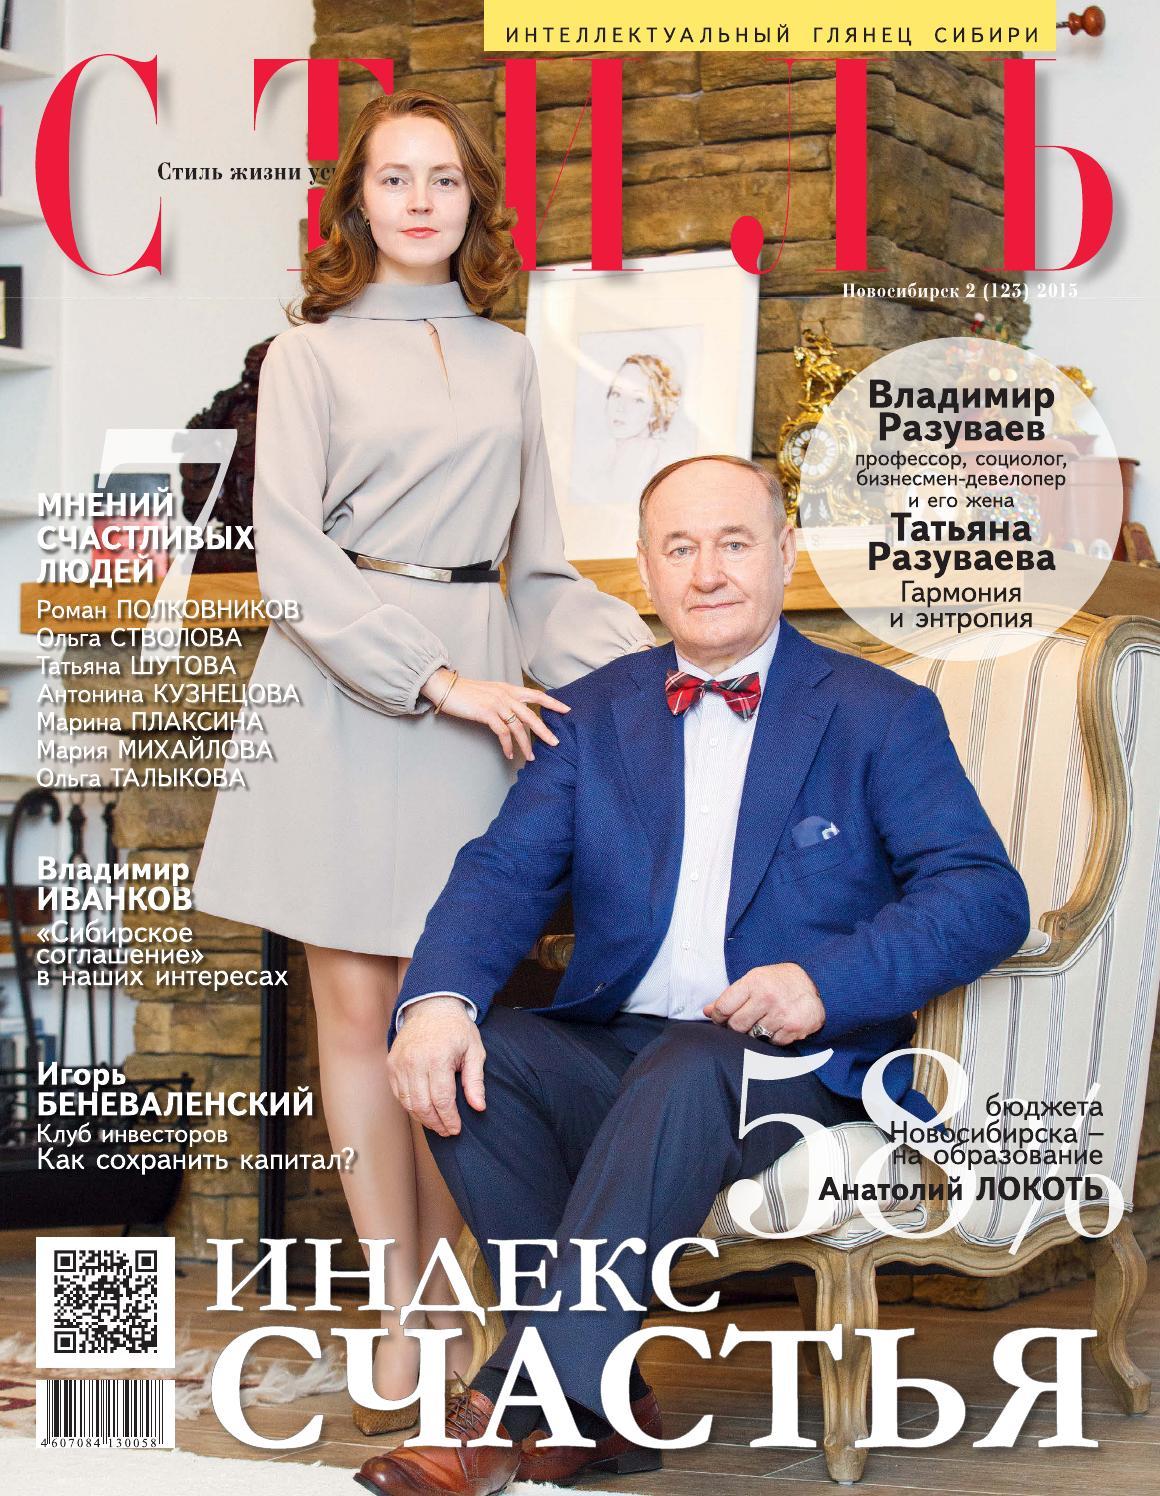 velikolepniy-seks-polzuy-moyu-zhenu-pishnoy-tatarkoy-foto